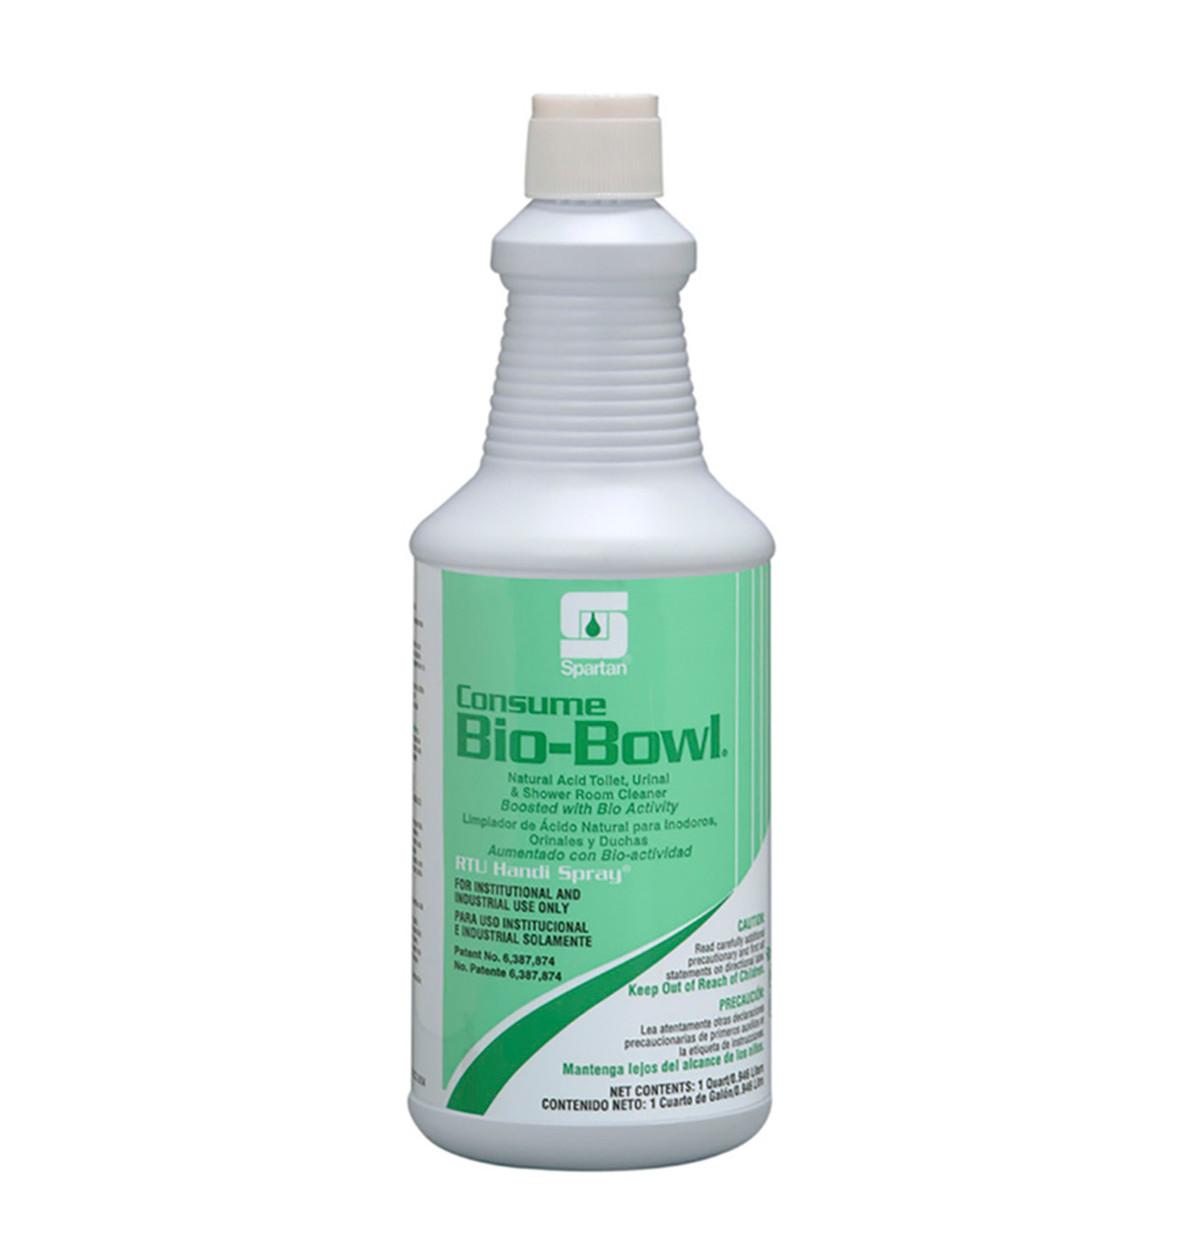 Spartan RTU Consume Bio-Bowl Restroom Cleaner, Aqua Fresh.